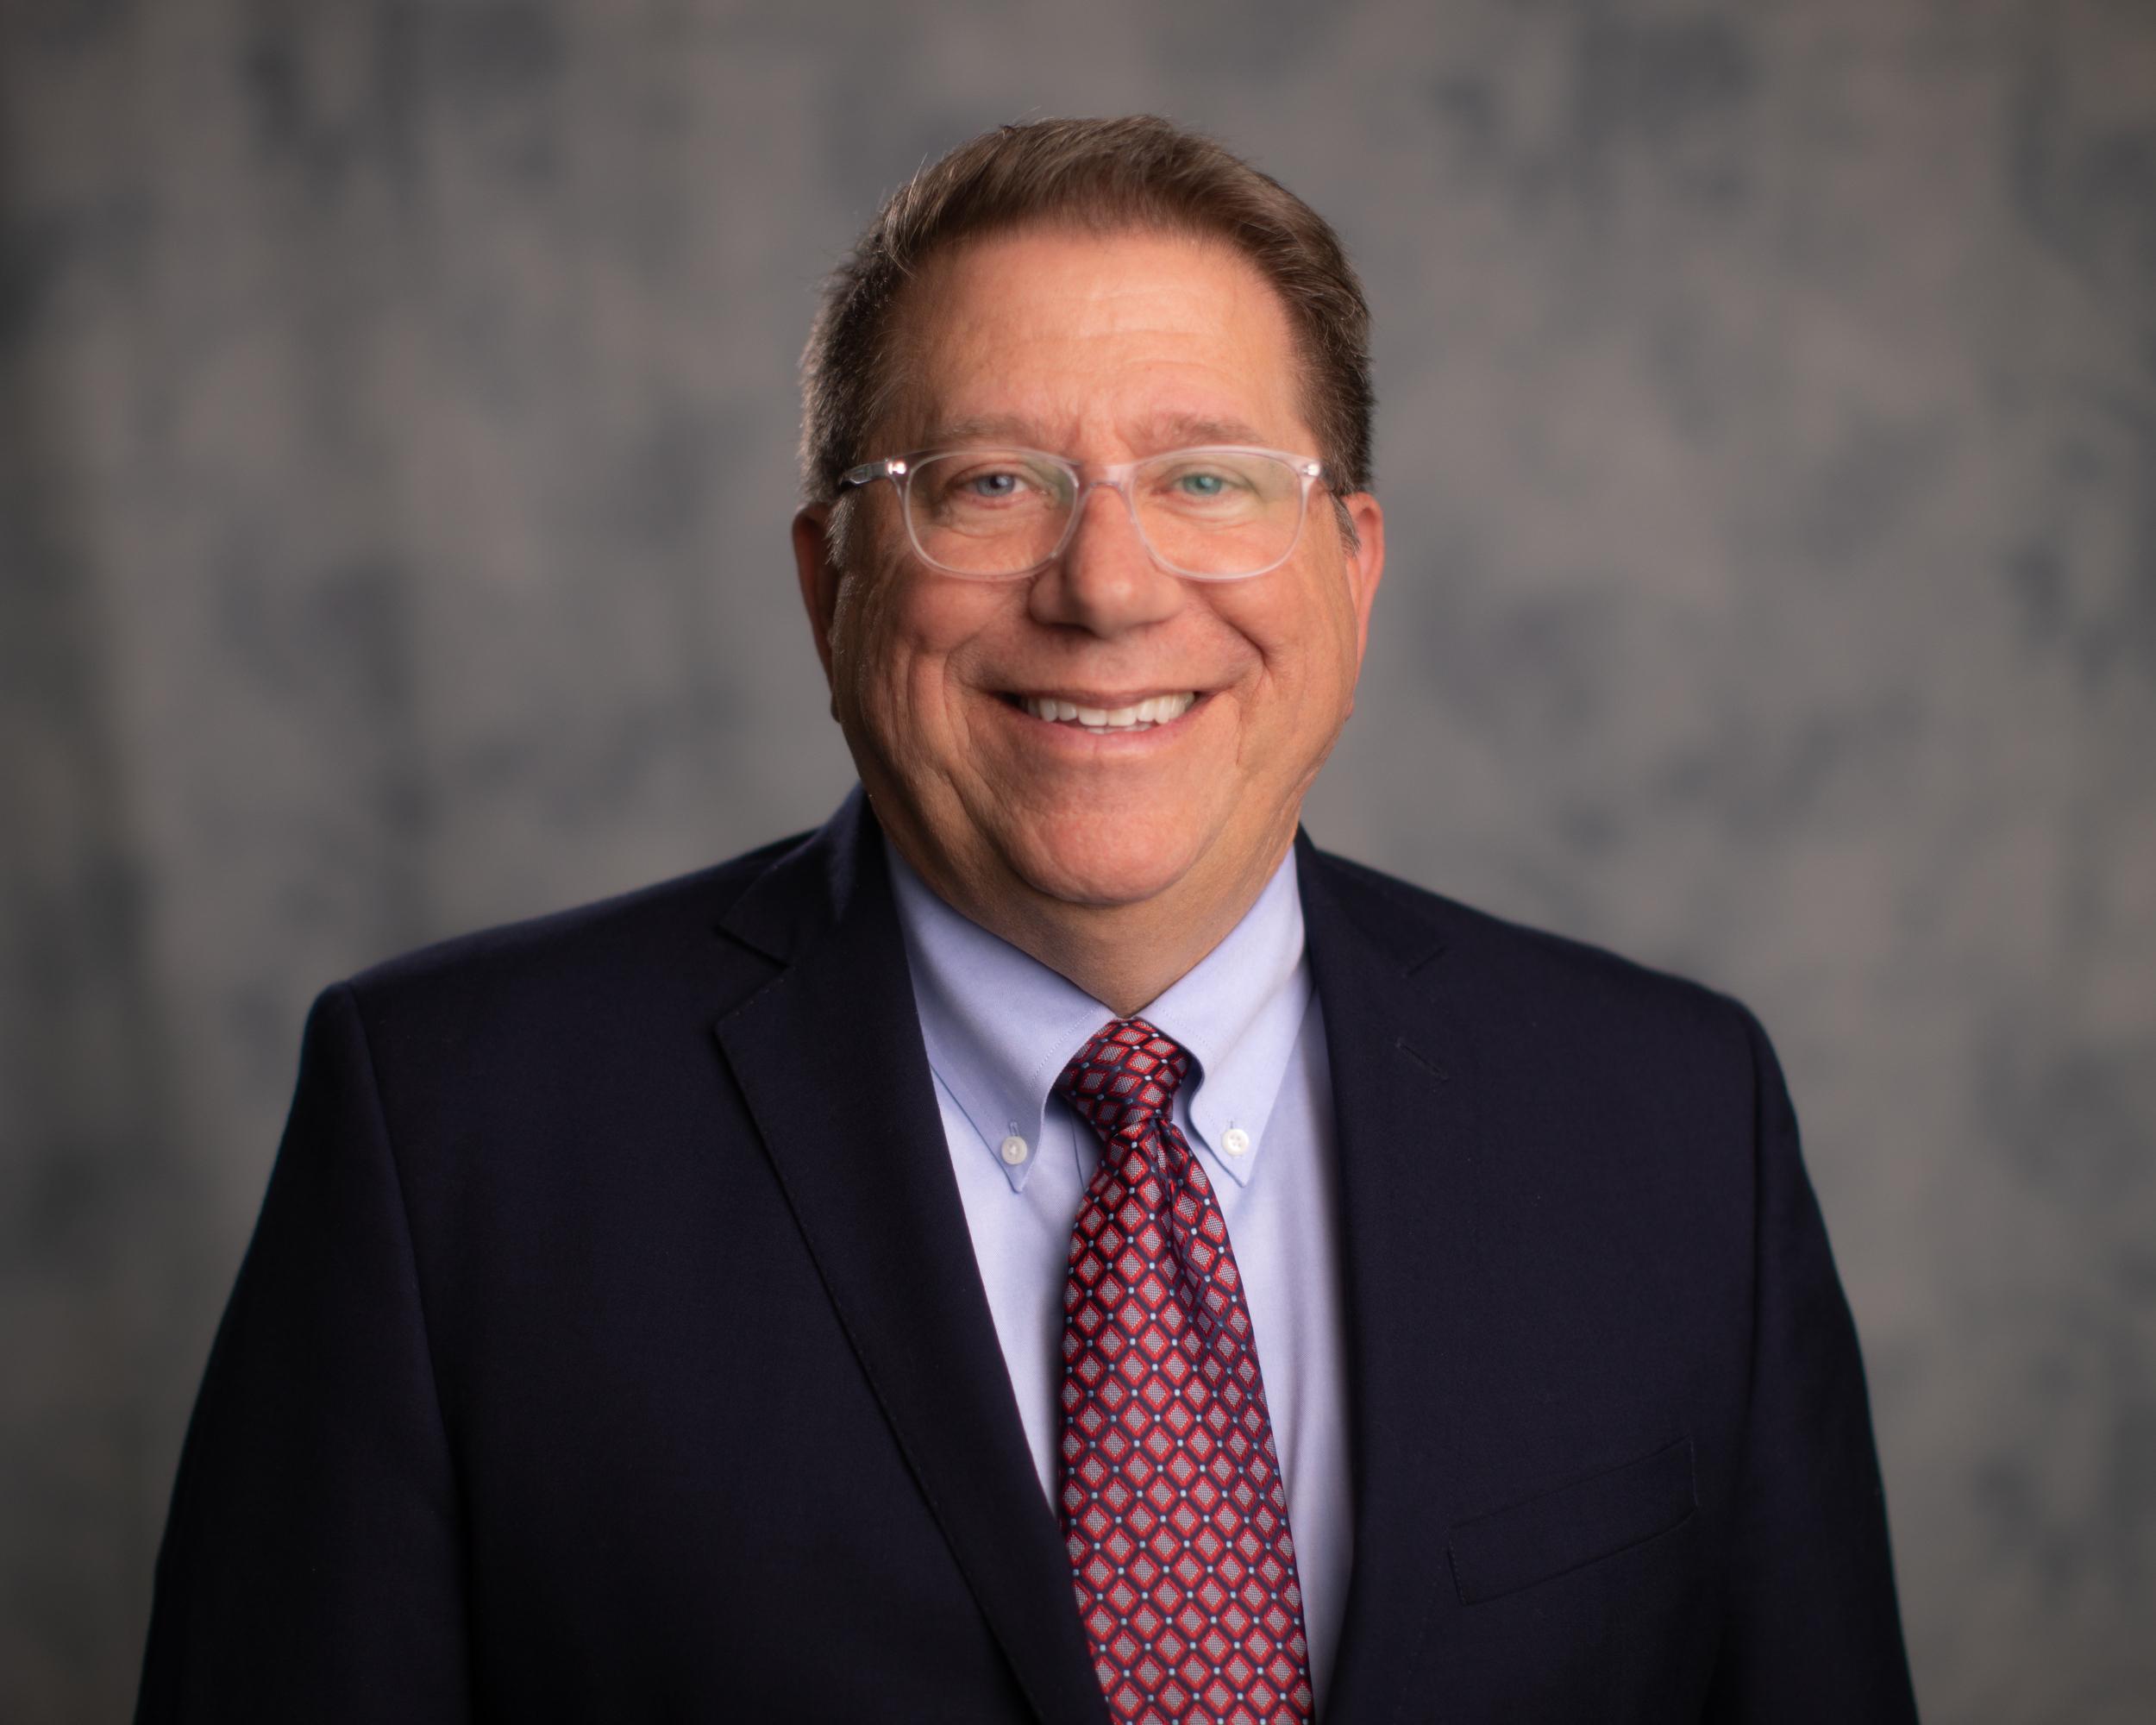 Alan Schutz - Executive Director